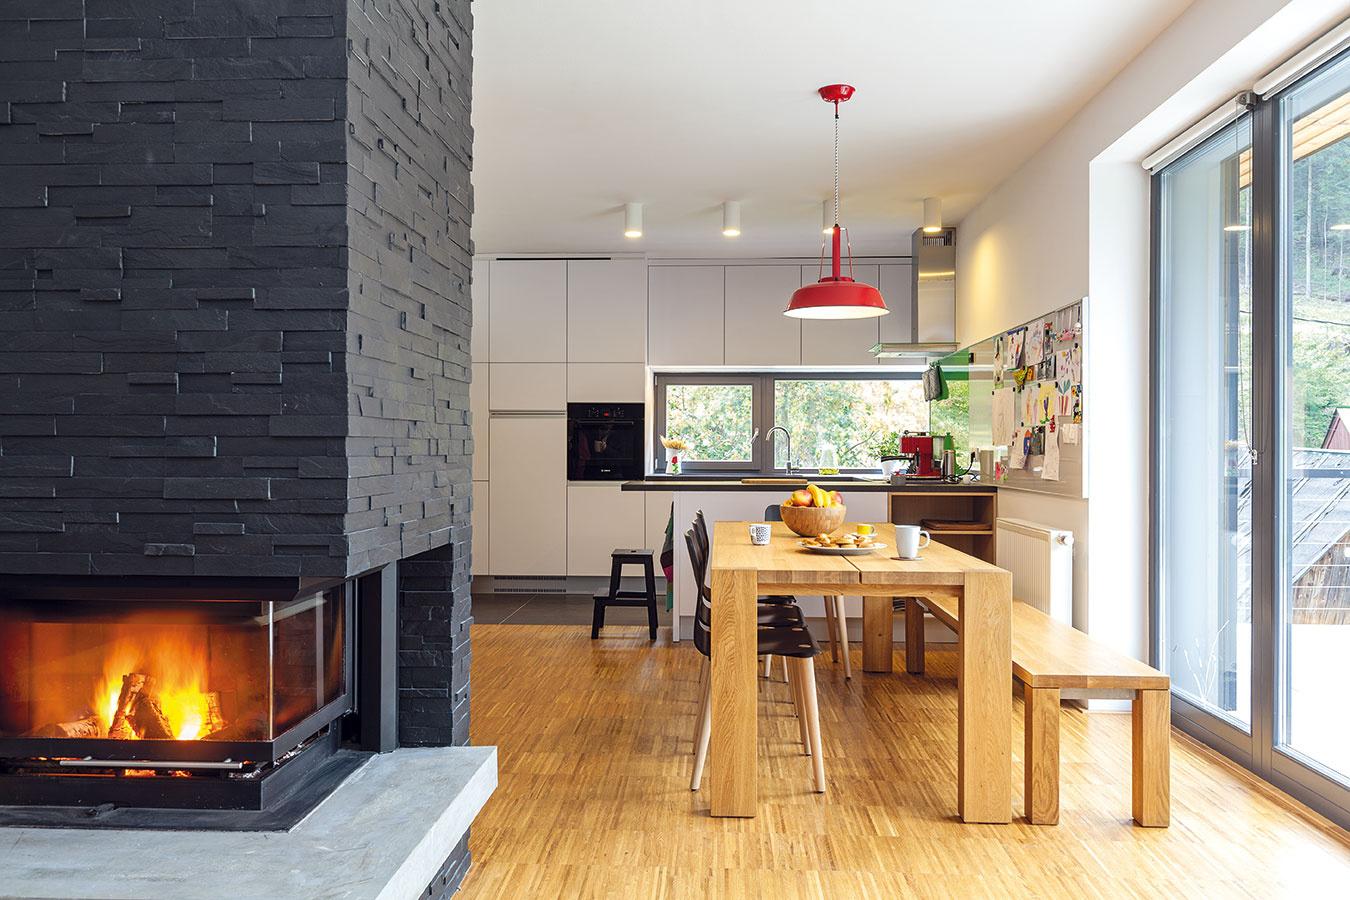 """Vseverskom štýle. Aby dosiahli čistý vzhľad, azároveň príjemný pocit útulnosti, skombinovali architekti jednoduché tvaroslovie sprírodnými materiálmi. """"Vinteriéri prevláda drevo, ostatné prvky, stropy asteny, sú väčšinou biele. Chceli sme dosiahnuť istú podobnosť so škandinávskou architektúrou,"""" približuje zámer architekt Chupáč. (stôl: Javorina, stoličky: Ton)"""